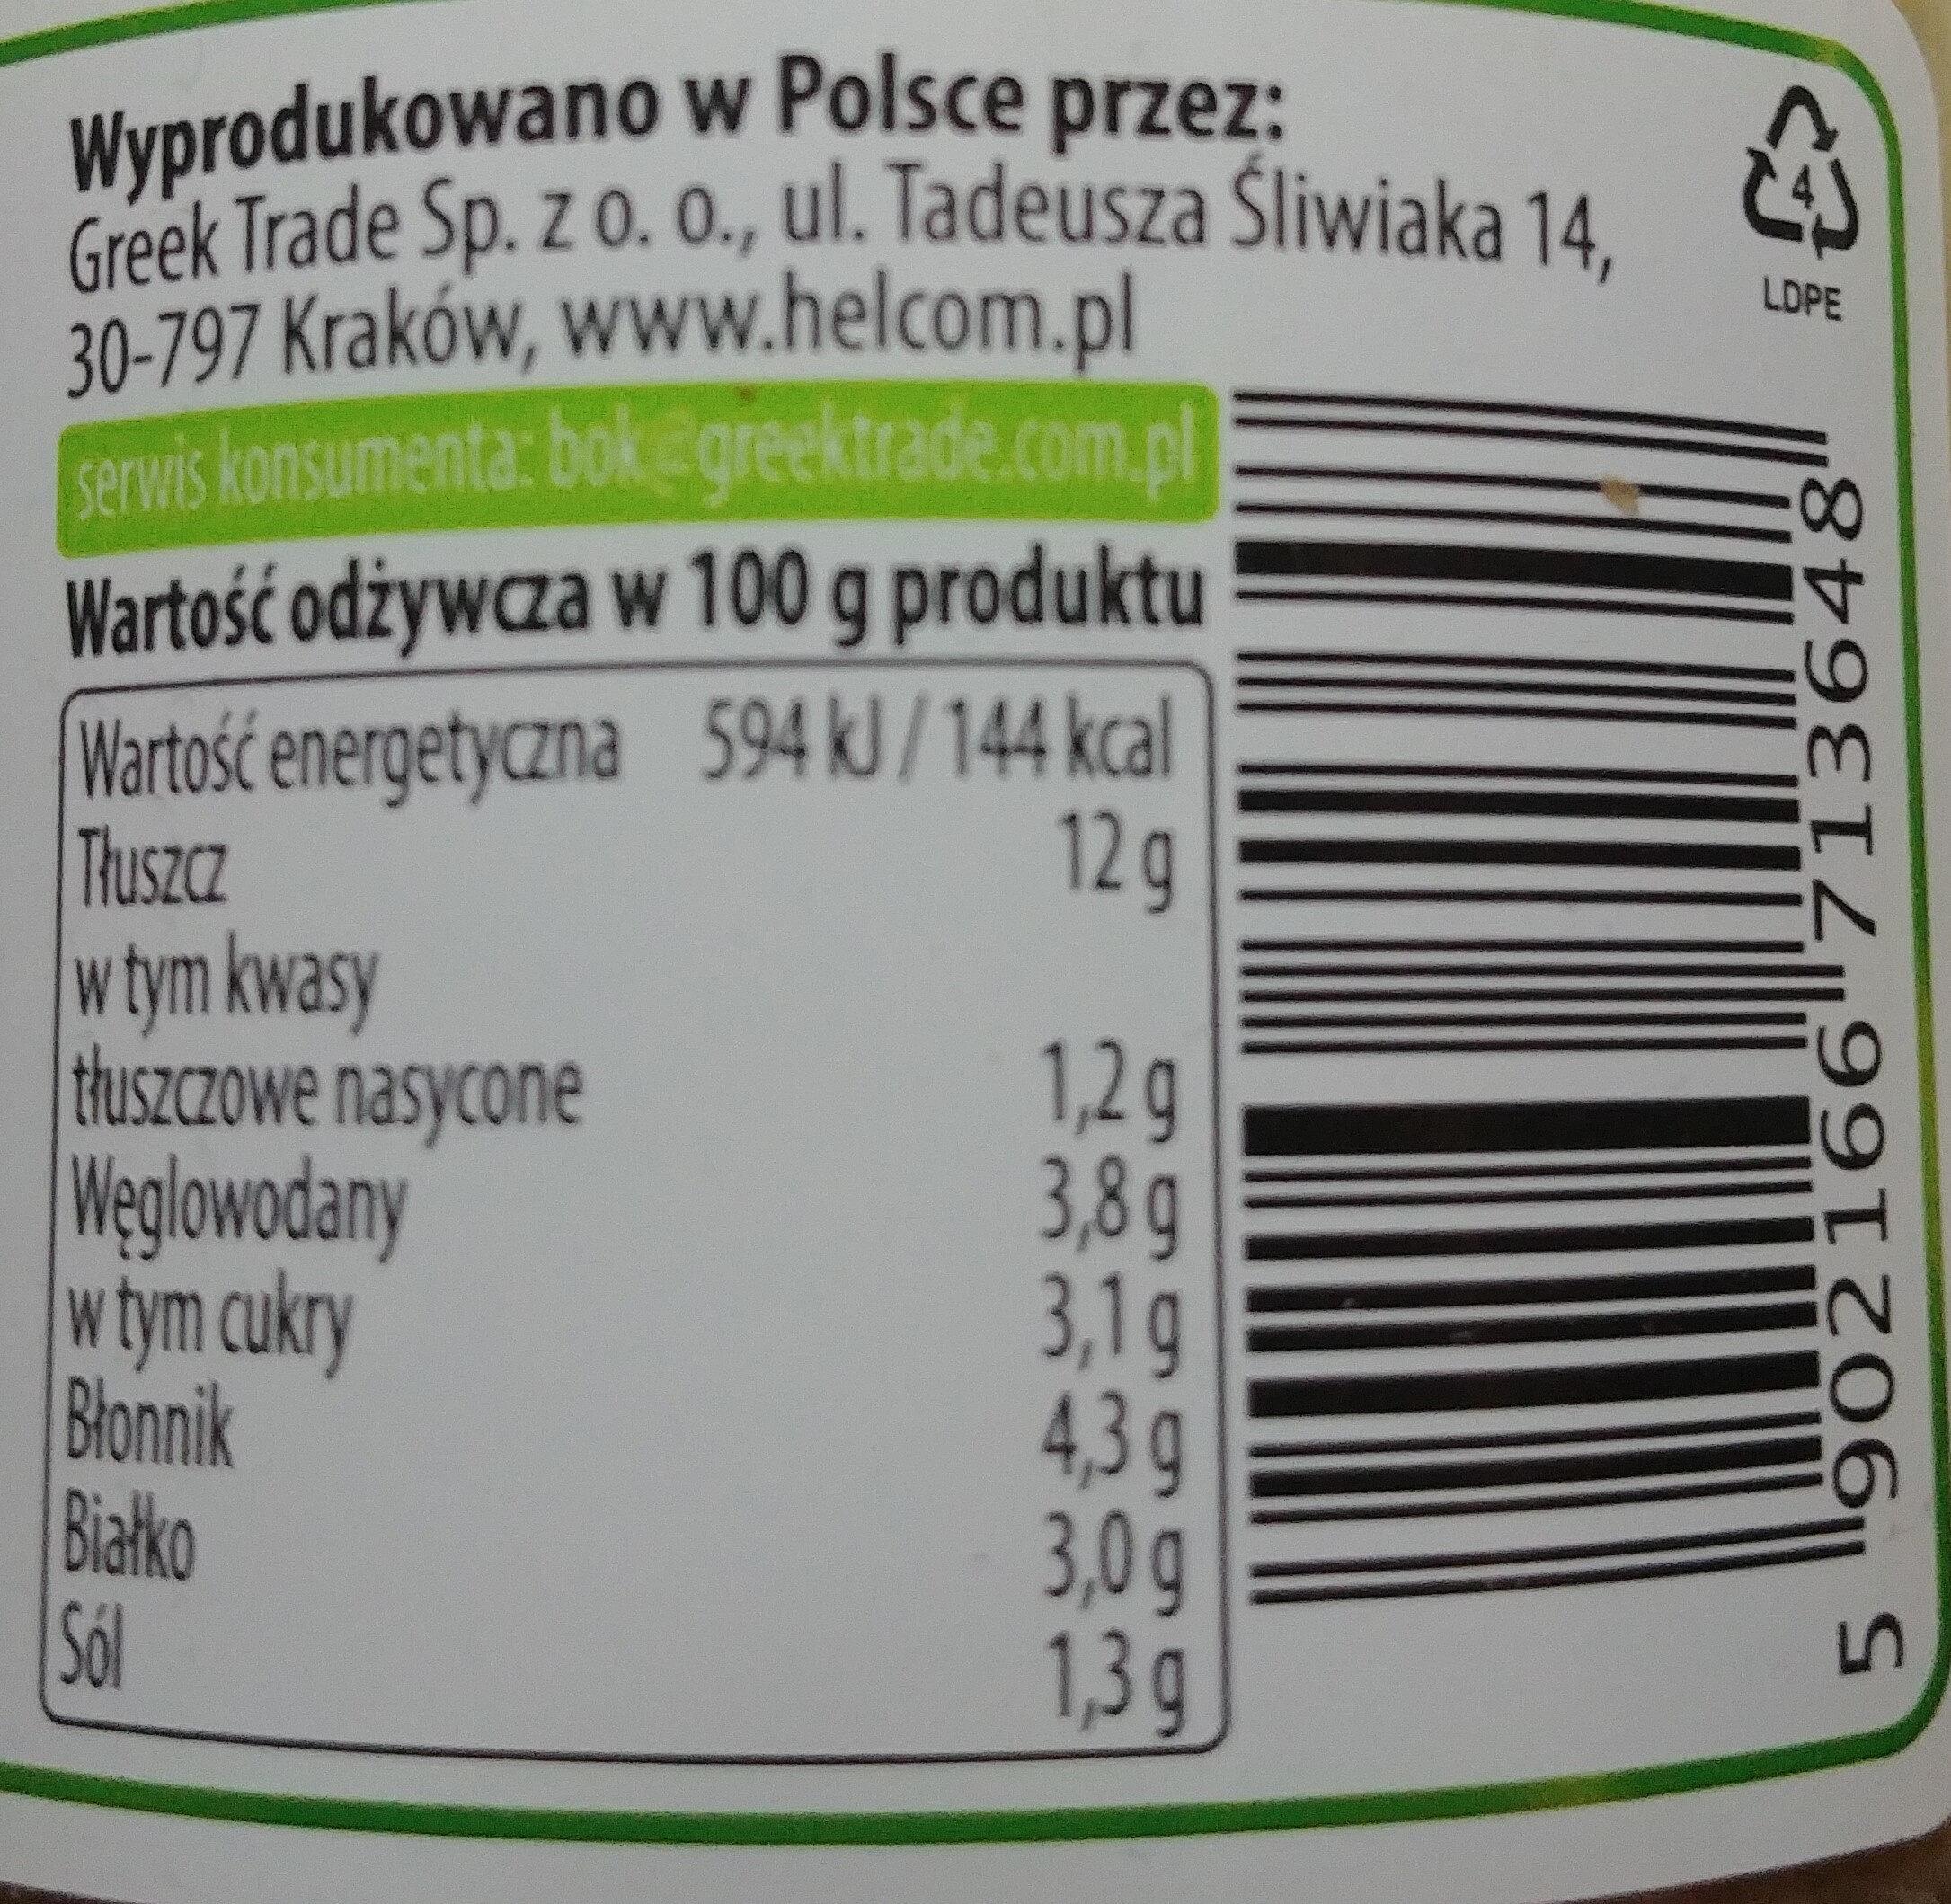 Pasta bakłażanowa z suszonymi pomidorami - Wartości odżywcze - pl